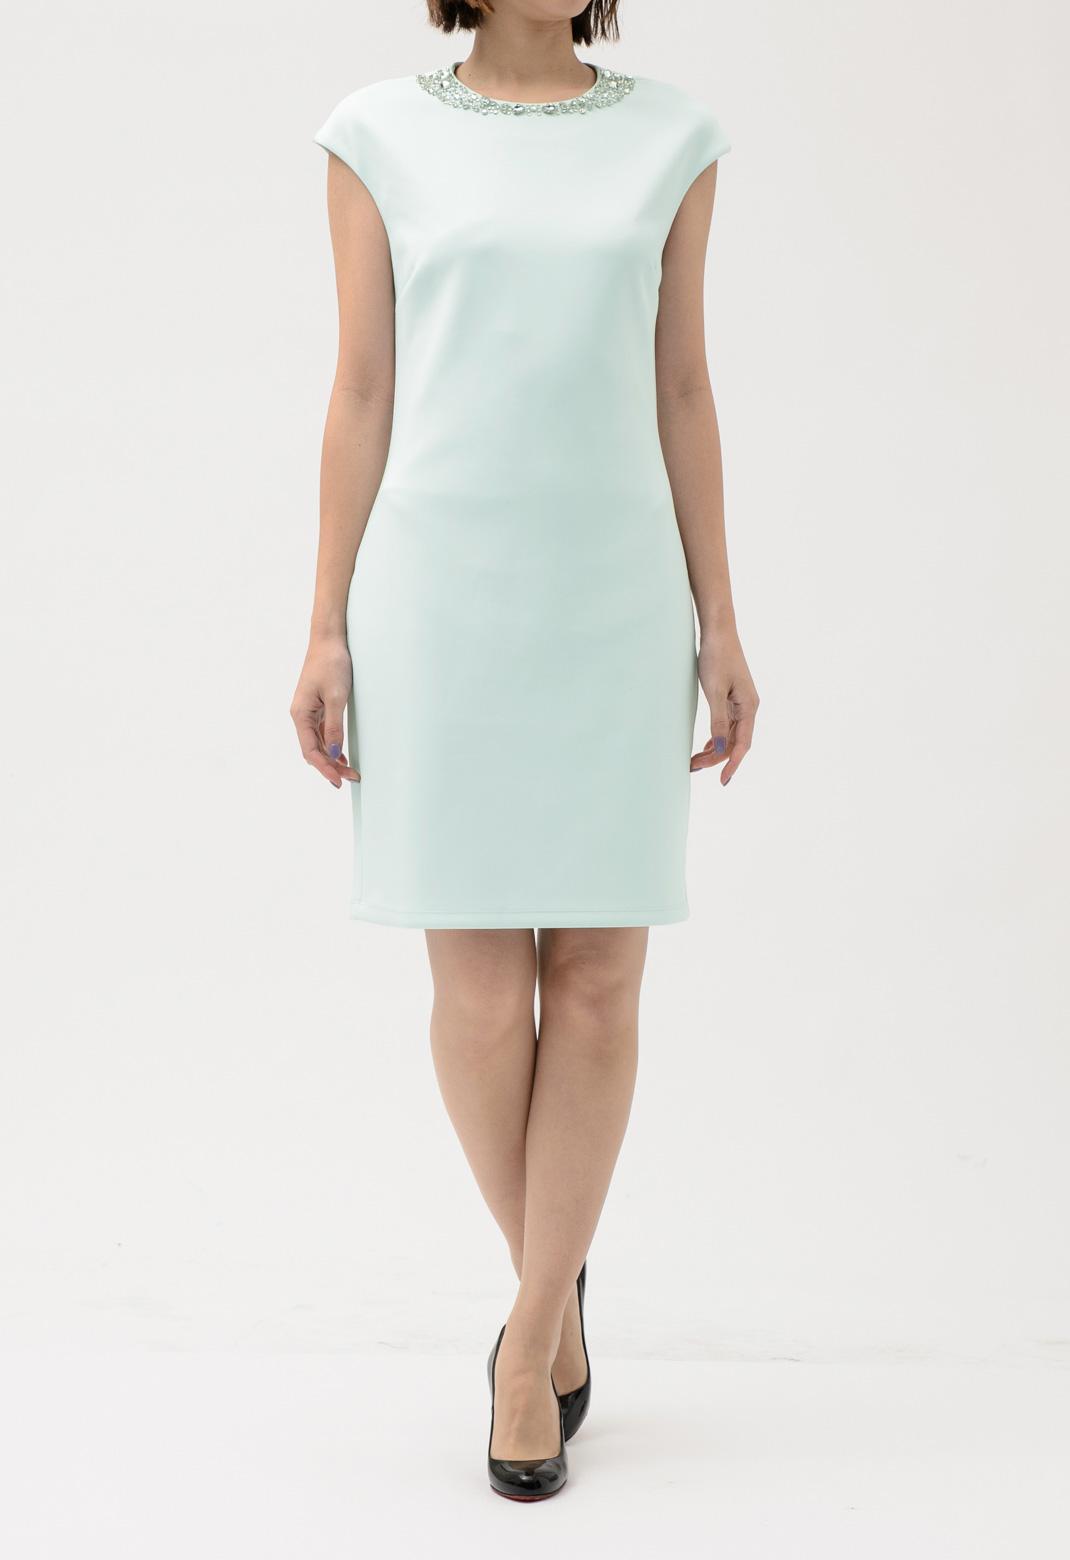 ネックビジュー飾り フレンチスリーブ ドレス